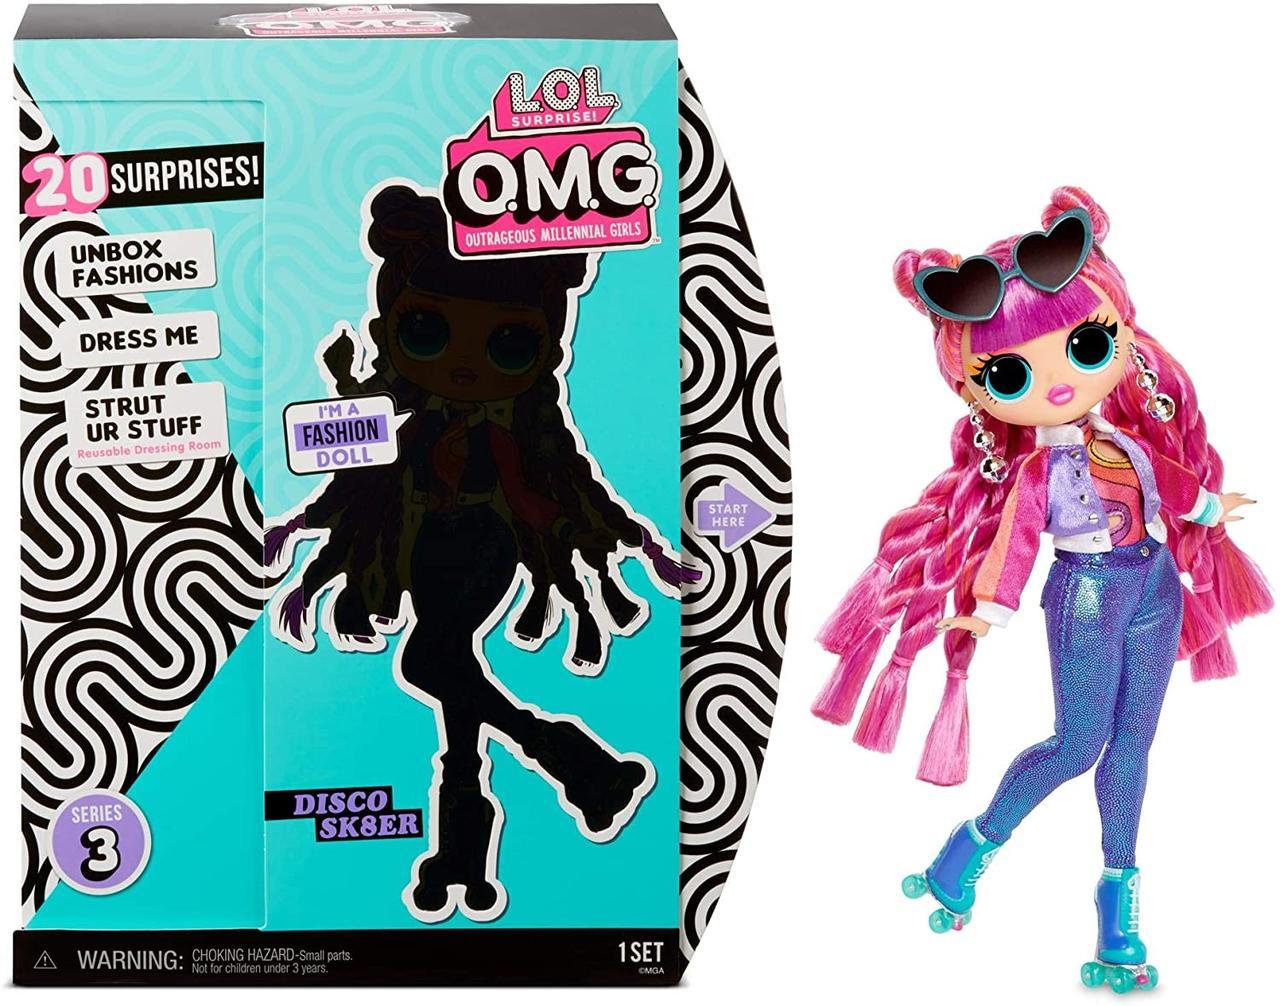 Ігровий набір з лялькою ЛОЛ Диско-Скейтер, L. O. L. Surprise! O. M. G. Roller Chick, оригінал з США